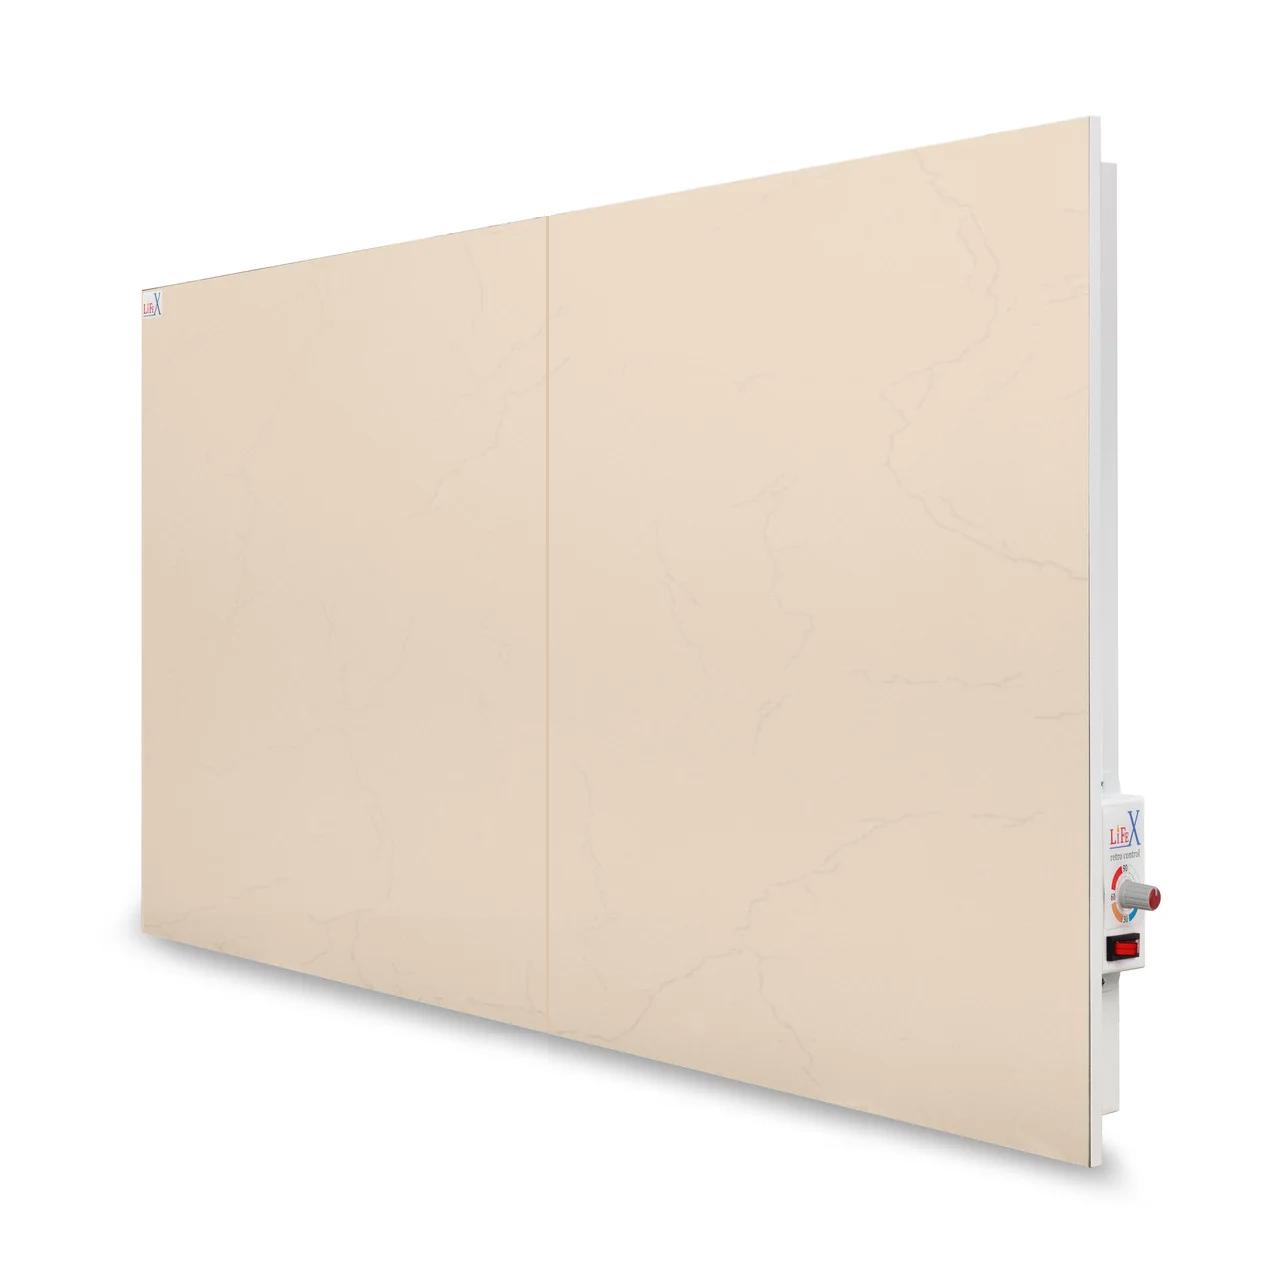 Керамическая панель отопления LIFEX КОП800R (бежевый)